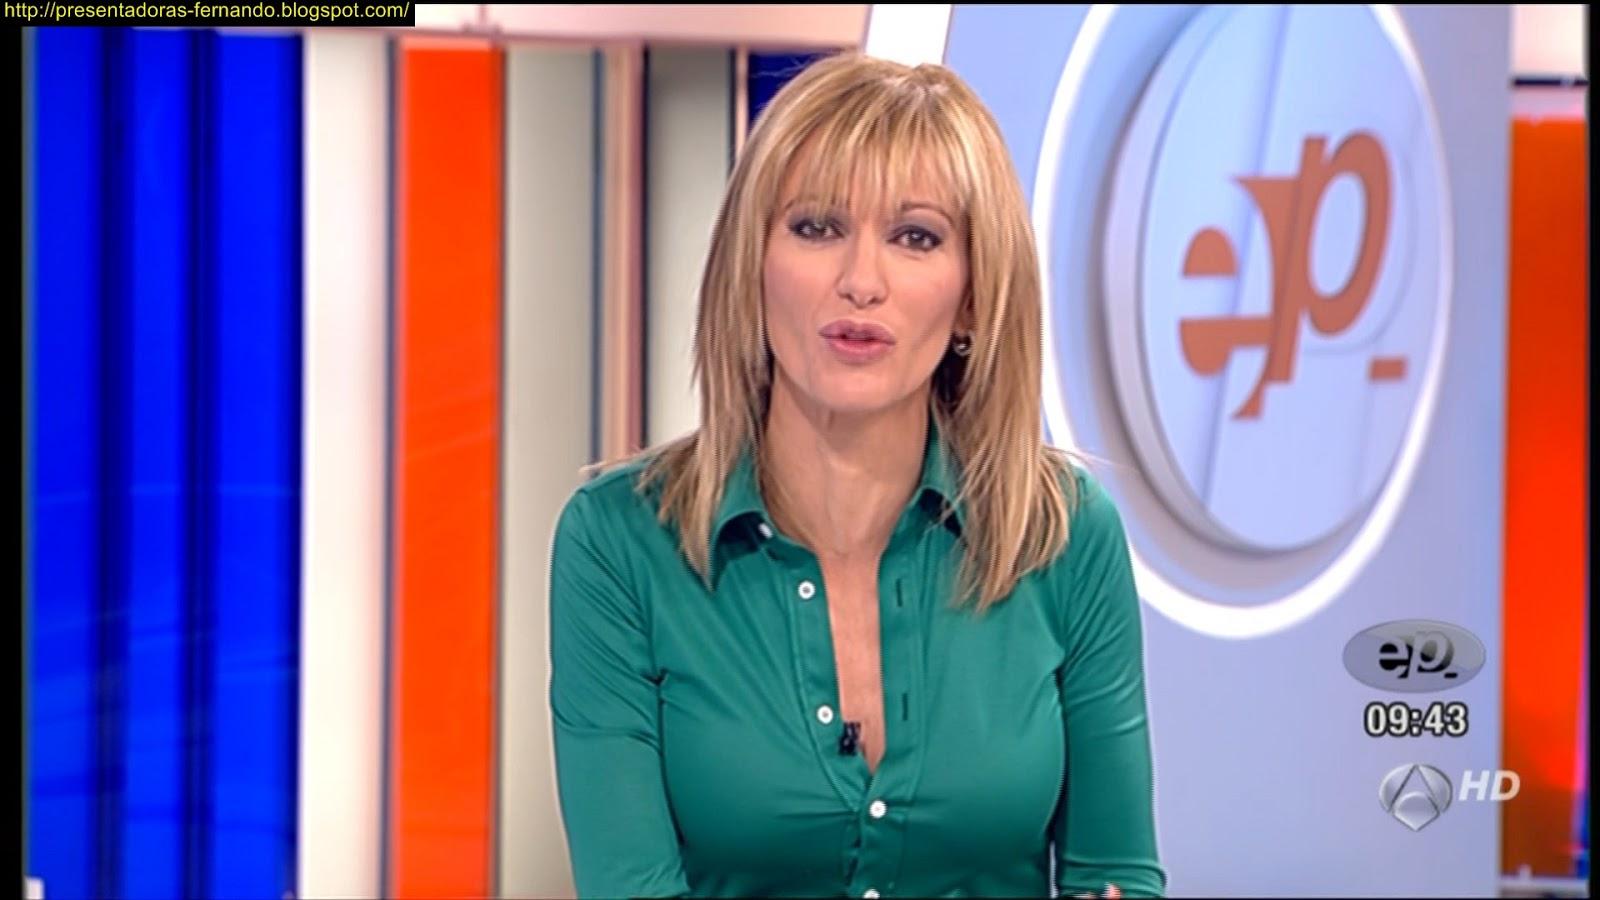 Presentadoras fernando susana griso espejo publico 7 11 2012 for Espejo publico verano